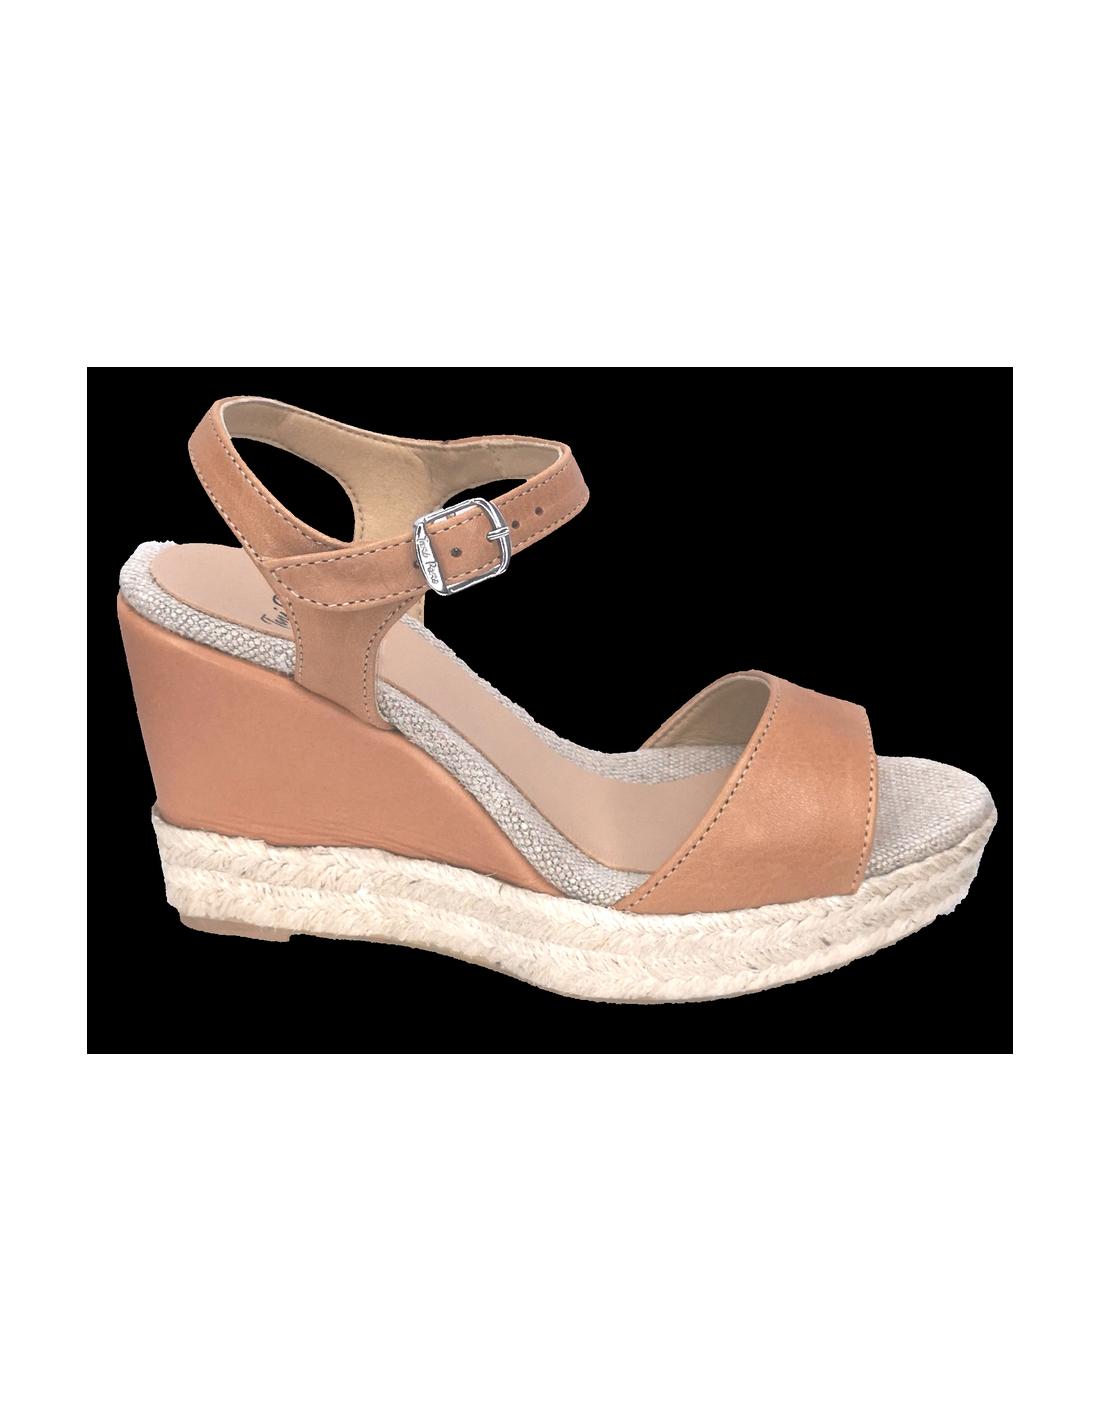 Sandales compensées, cuir lisse marron clair, Agnes P, Toni Pons